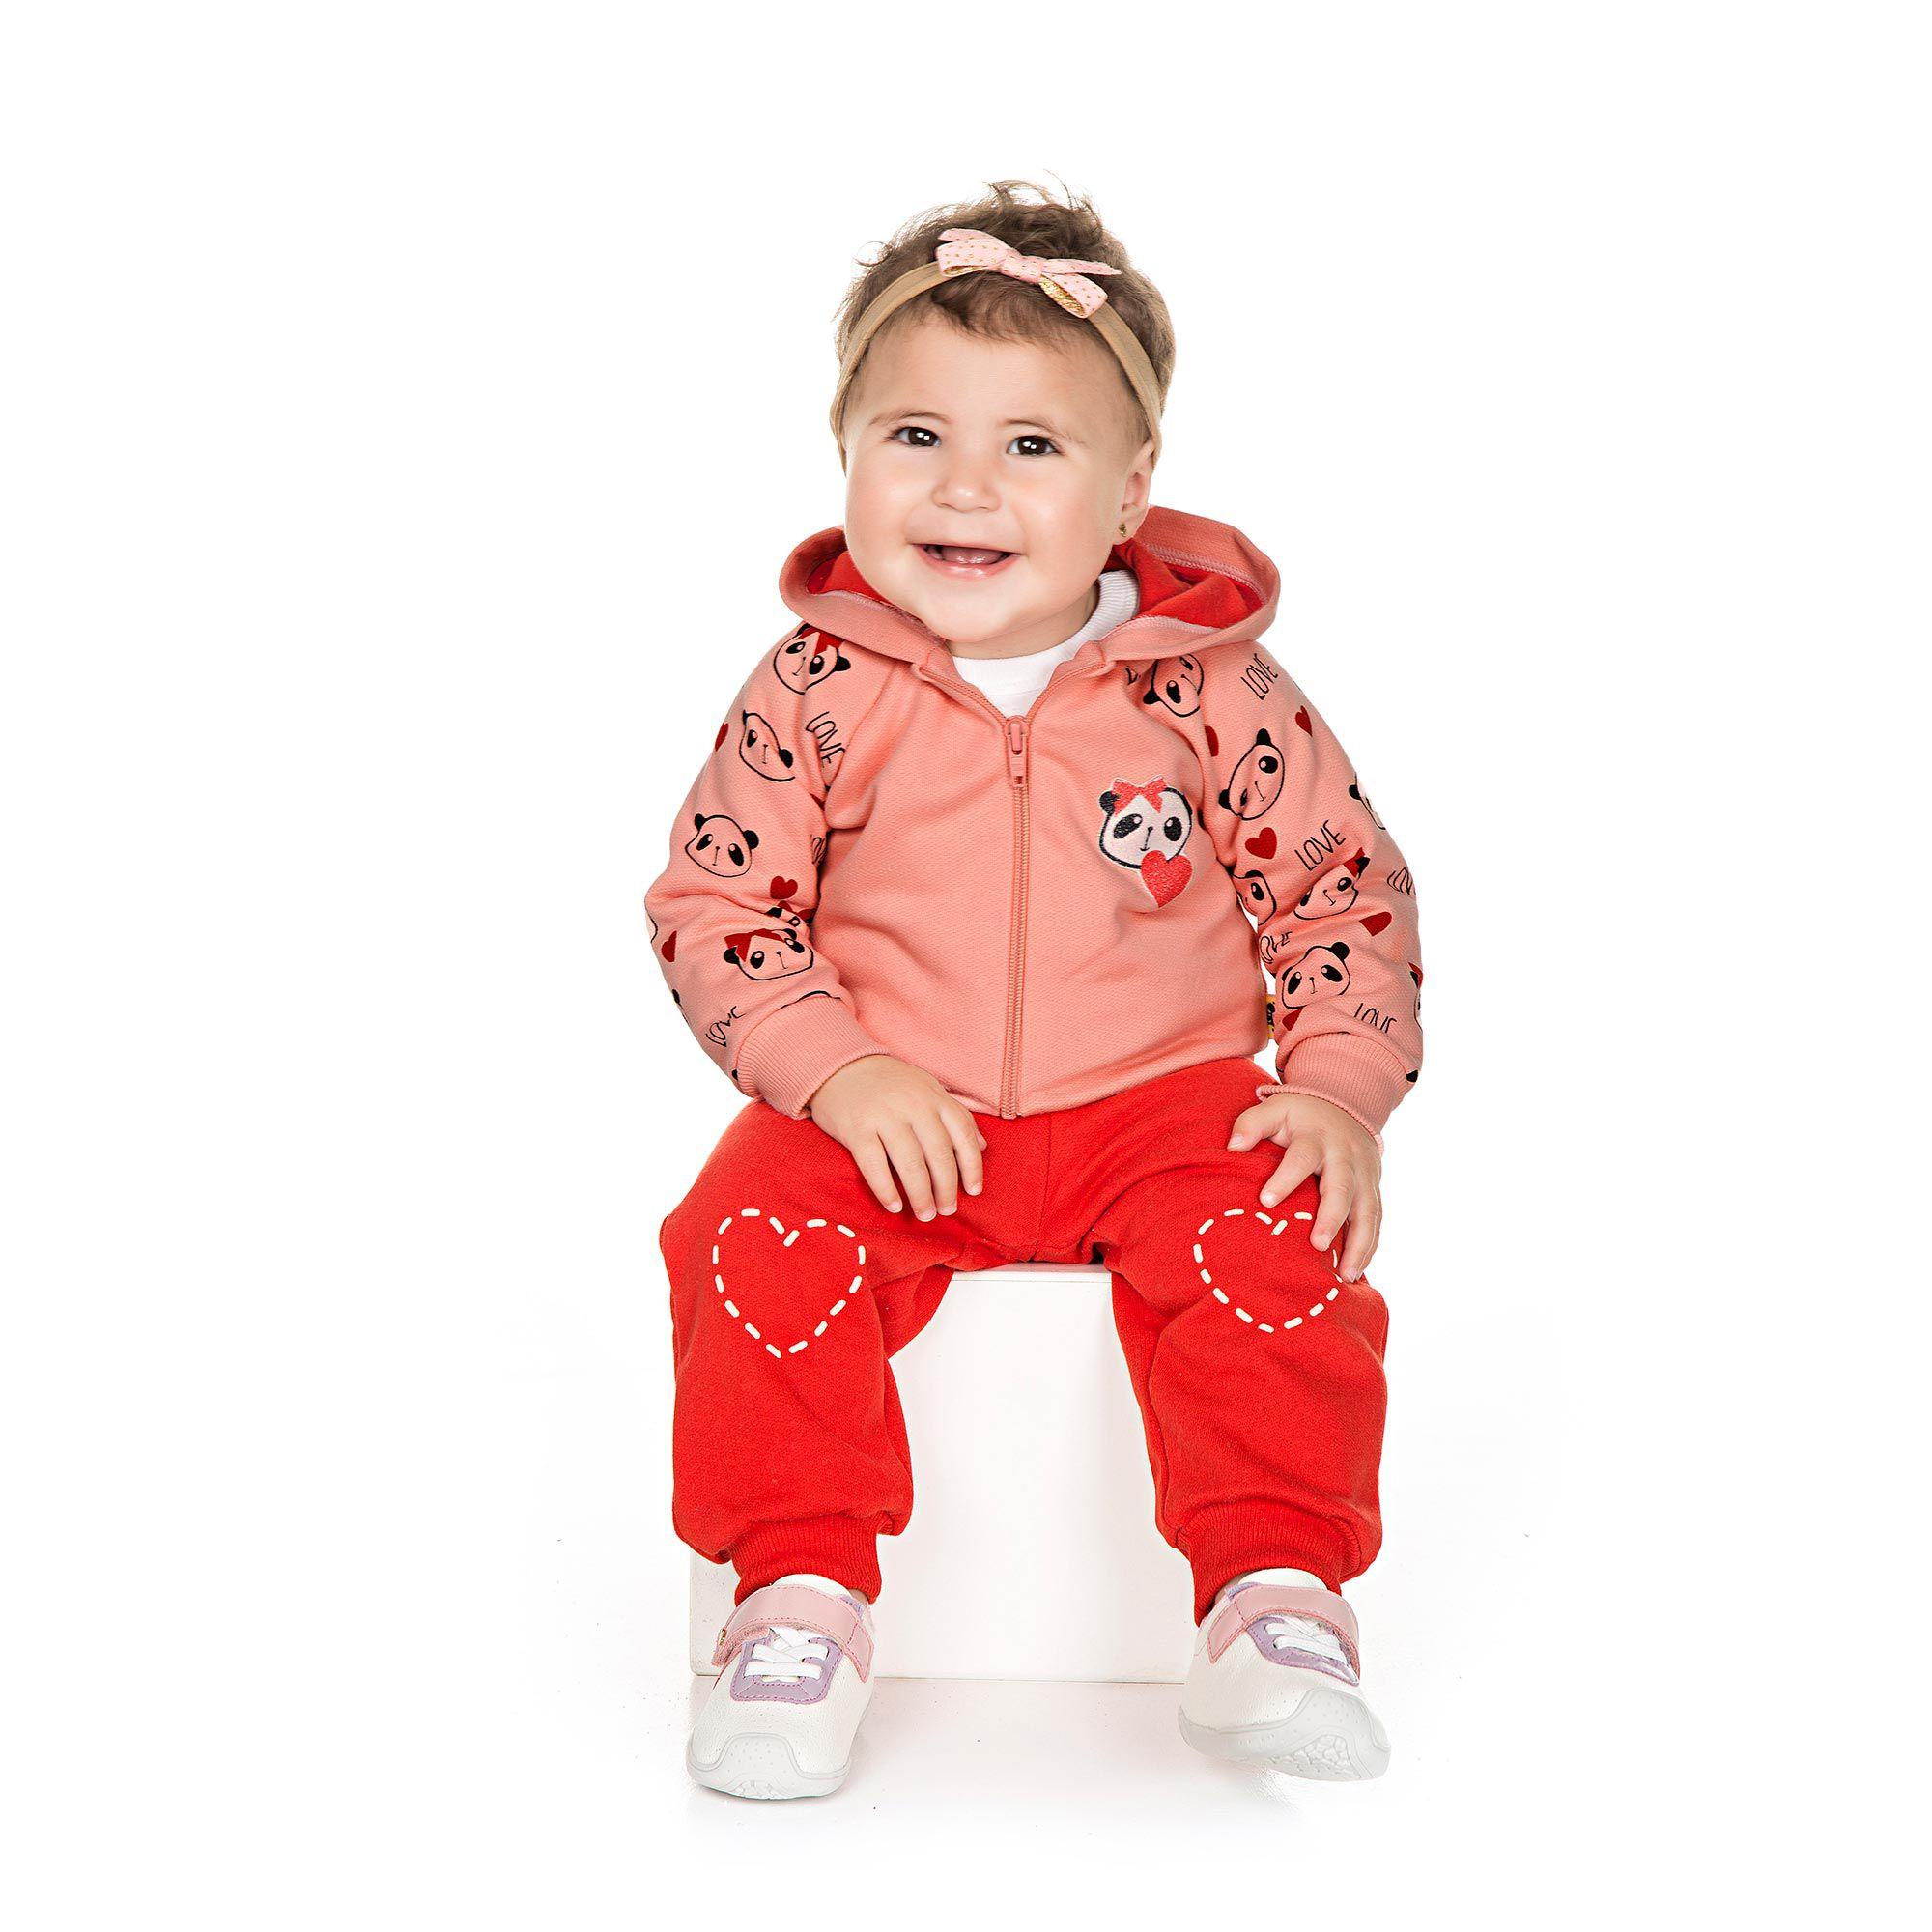 Conjunto Infantil de Moletom para Bebê 2 peças - Ref 4931 - Rosa/Vermelho